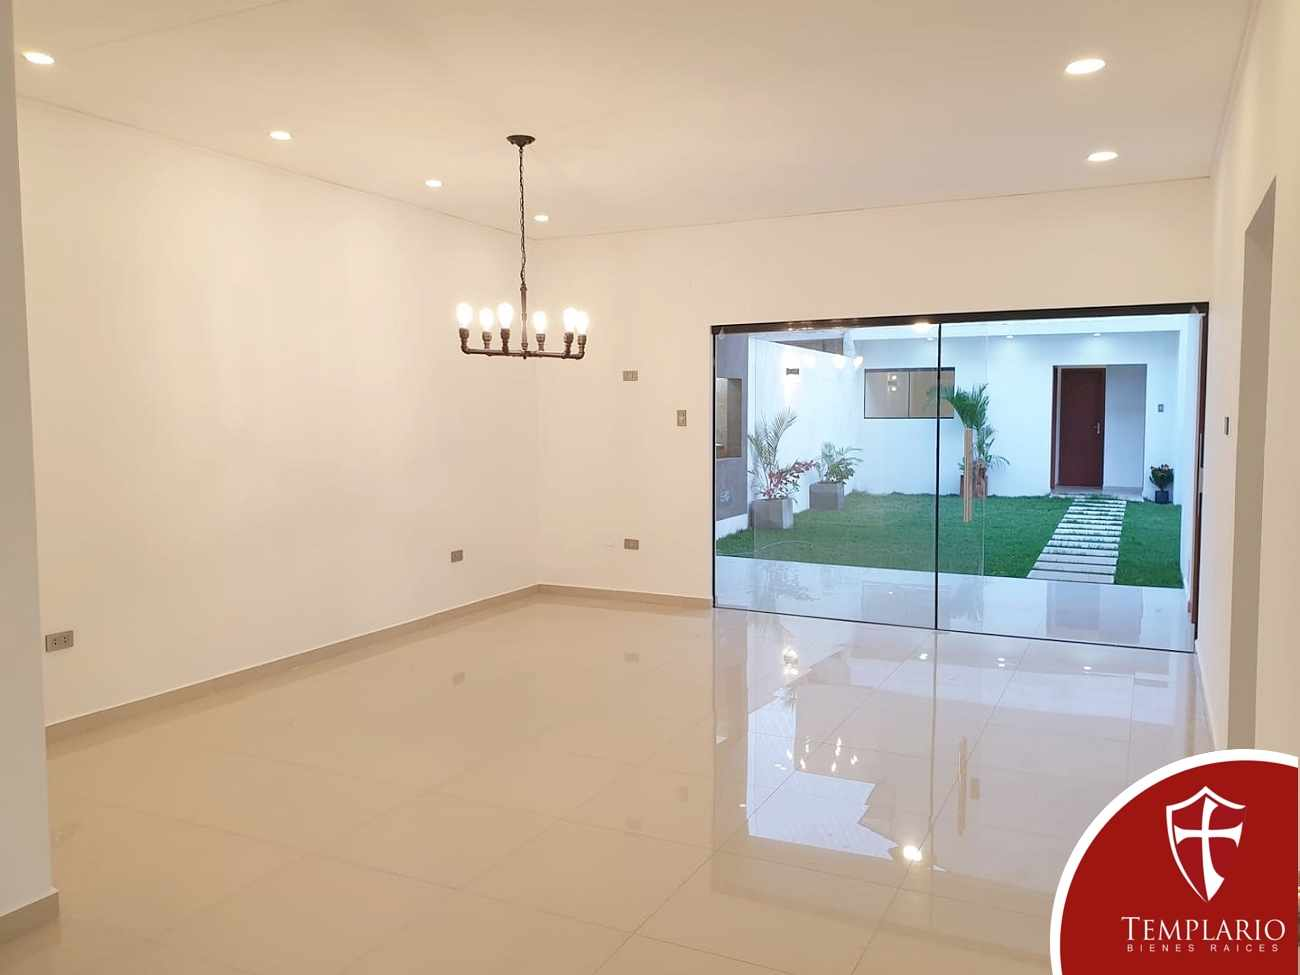 Casa en Venta Av. Santos Dumont 3er y 4to Anillo - Vecindario Residencial Foto 23